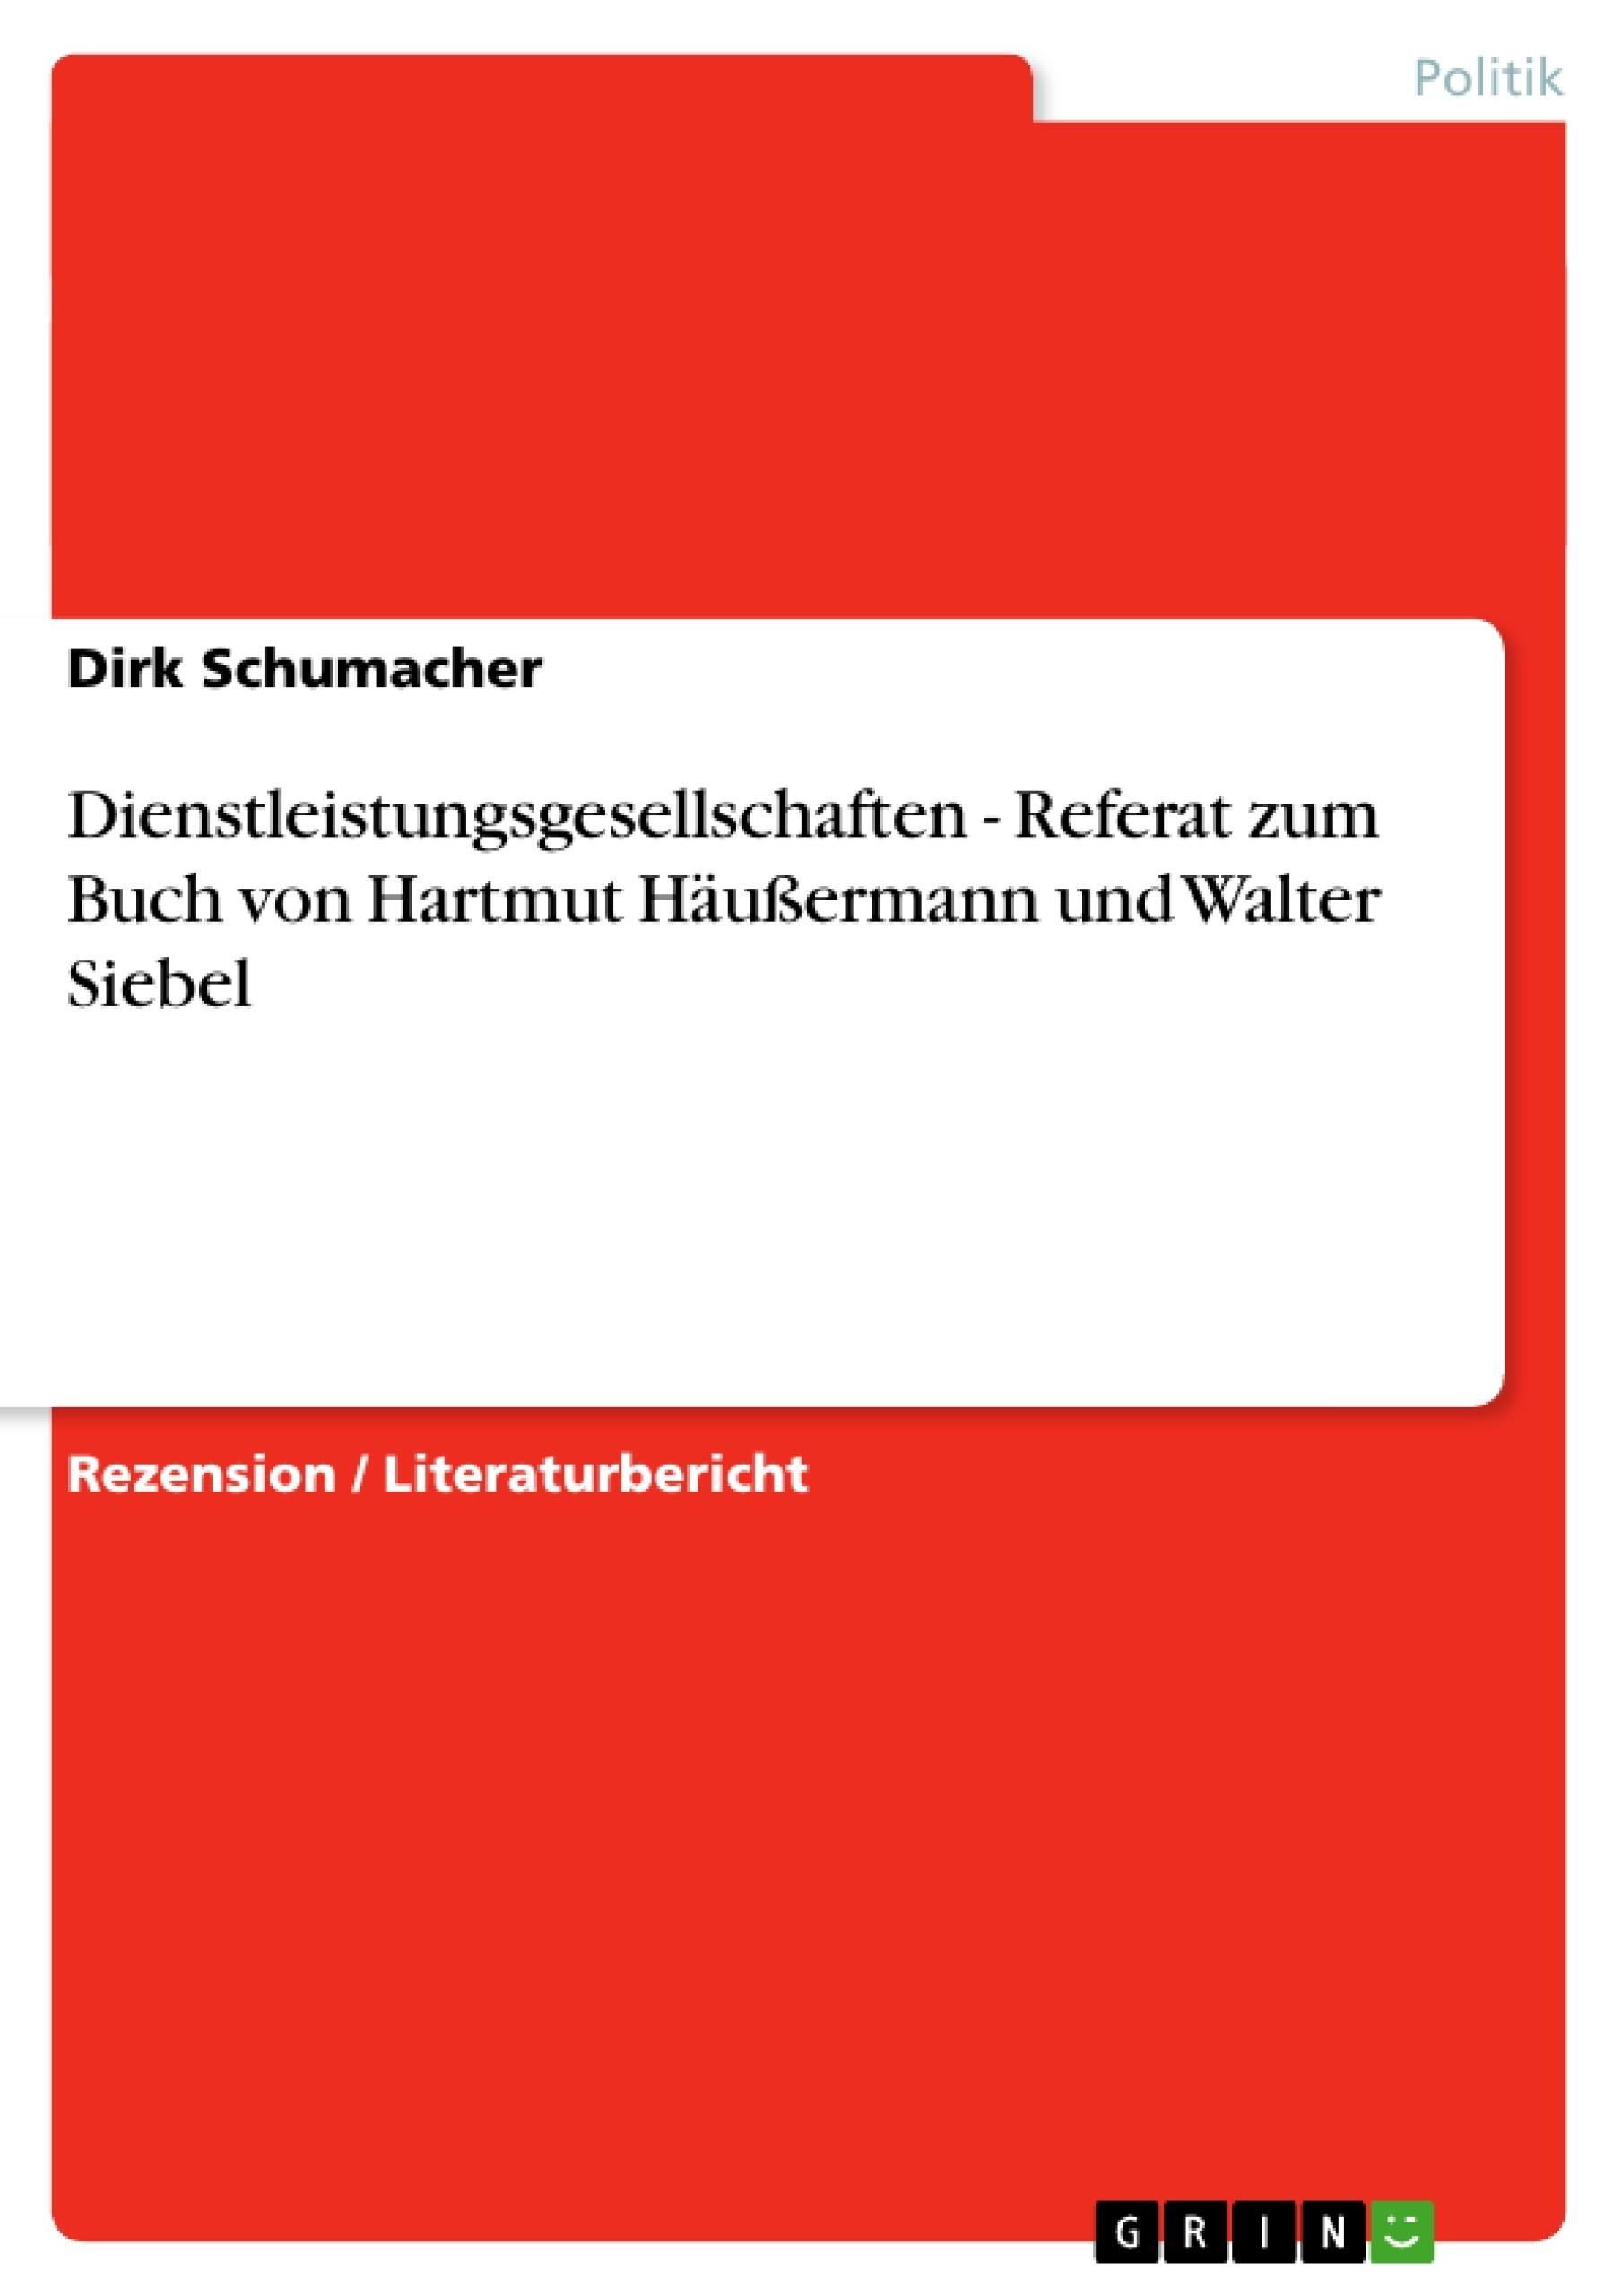 Titel: Dienstleistungsgesellschaften - Referat zum Buch von Hartmut Häußermann und Walter Siebel